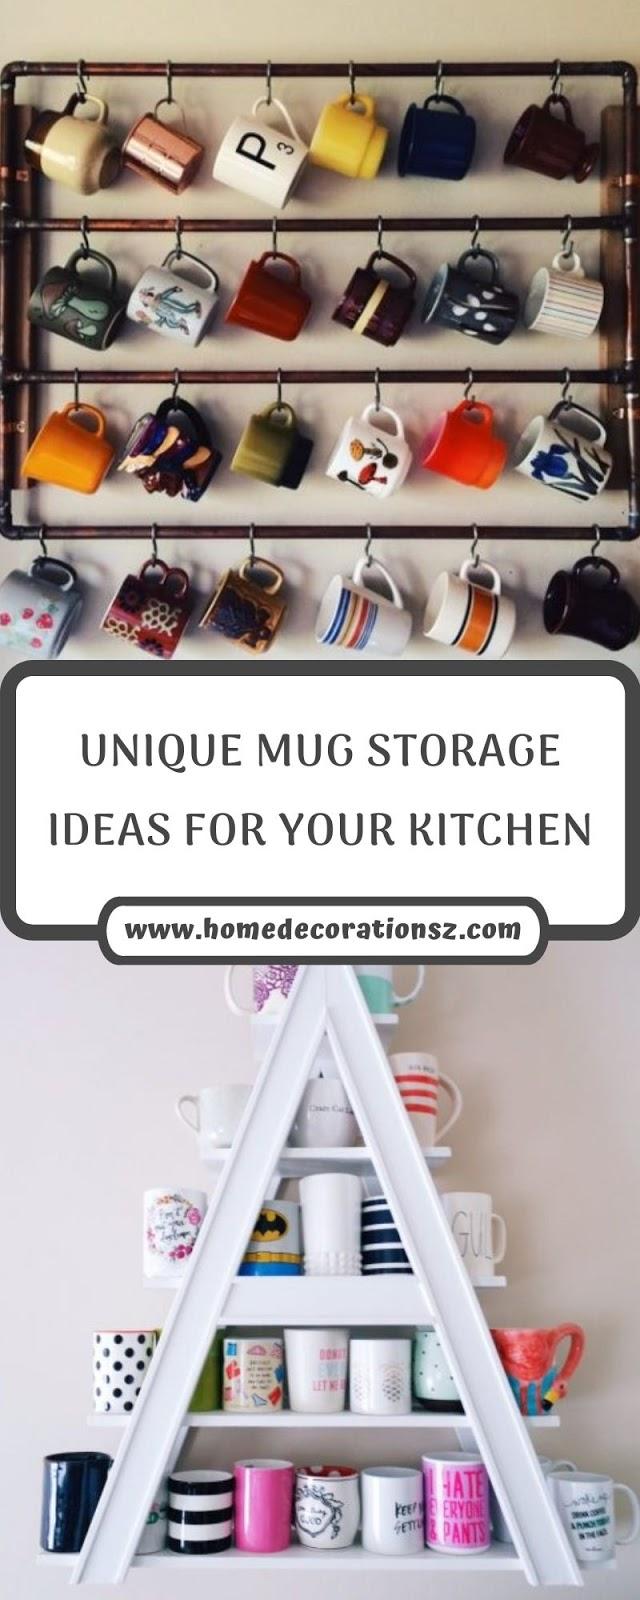 UNIQUE MUG STORAGE IDEAS FOR YOUR KITCHEN